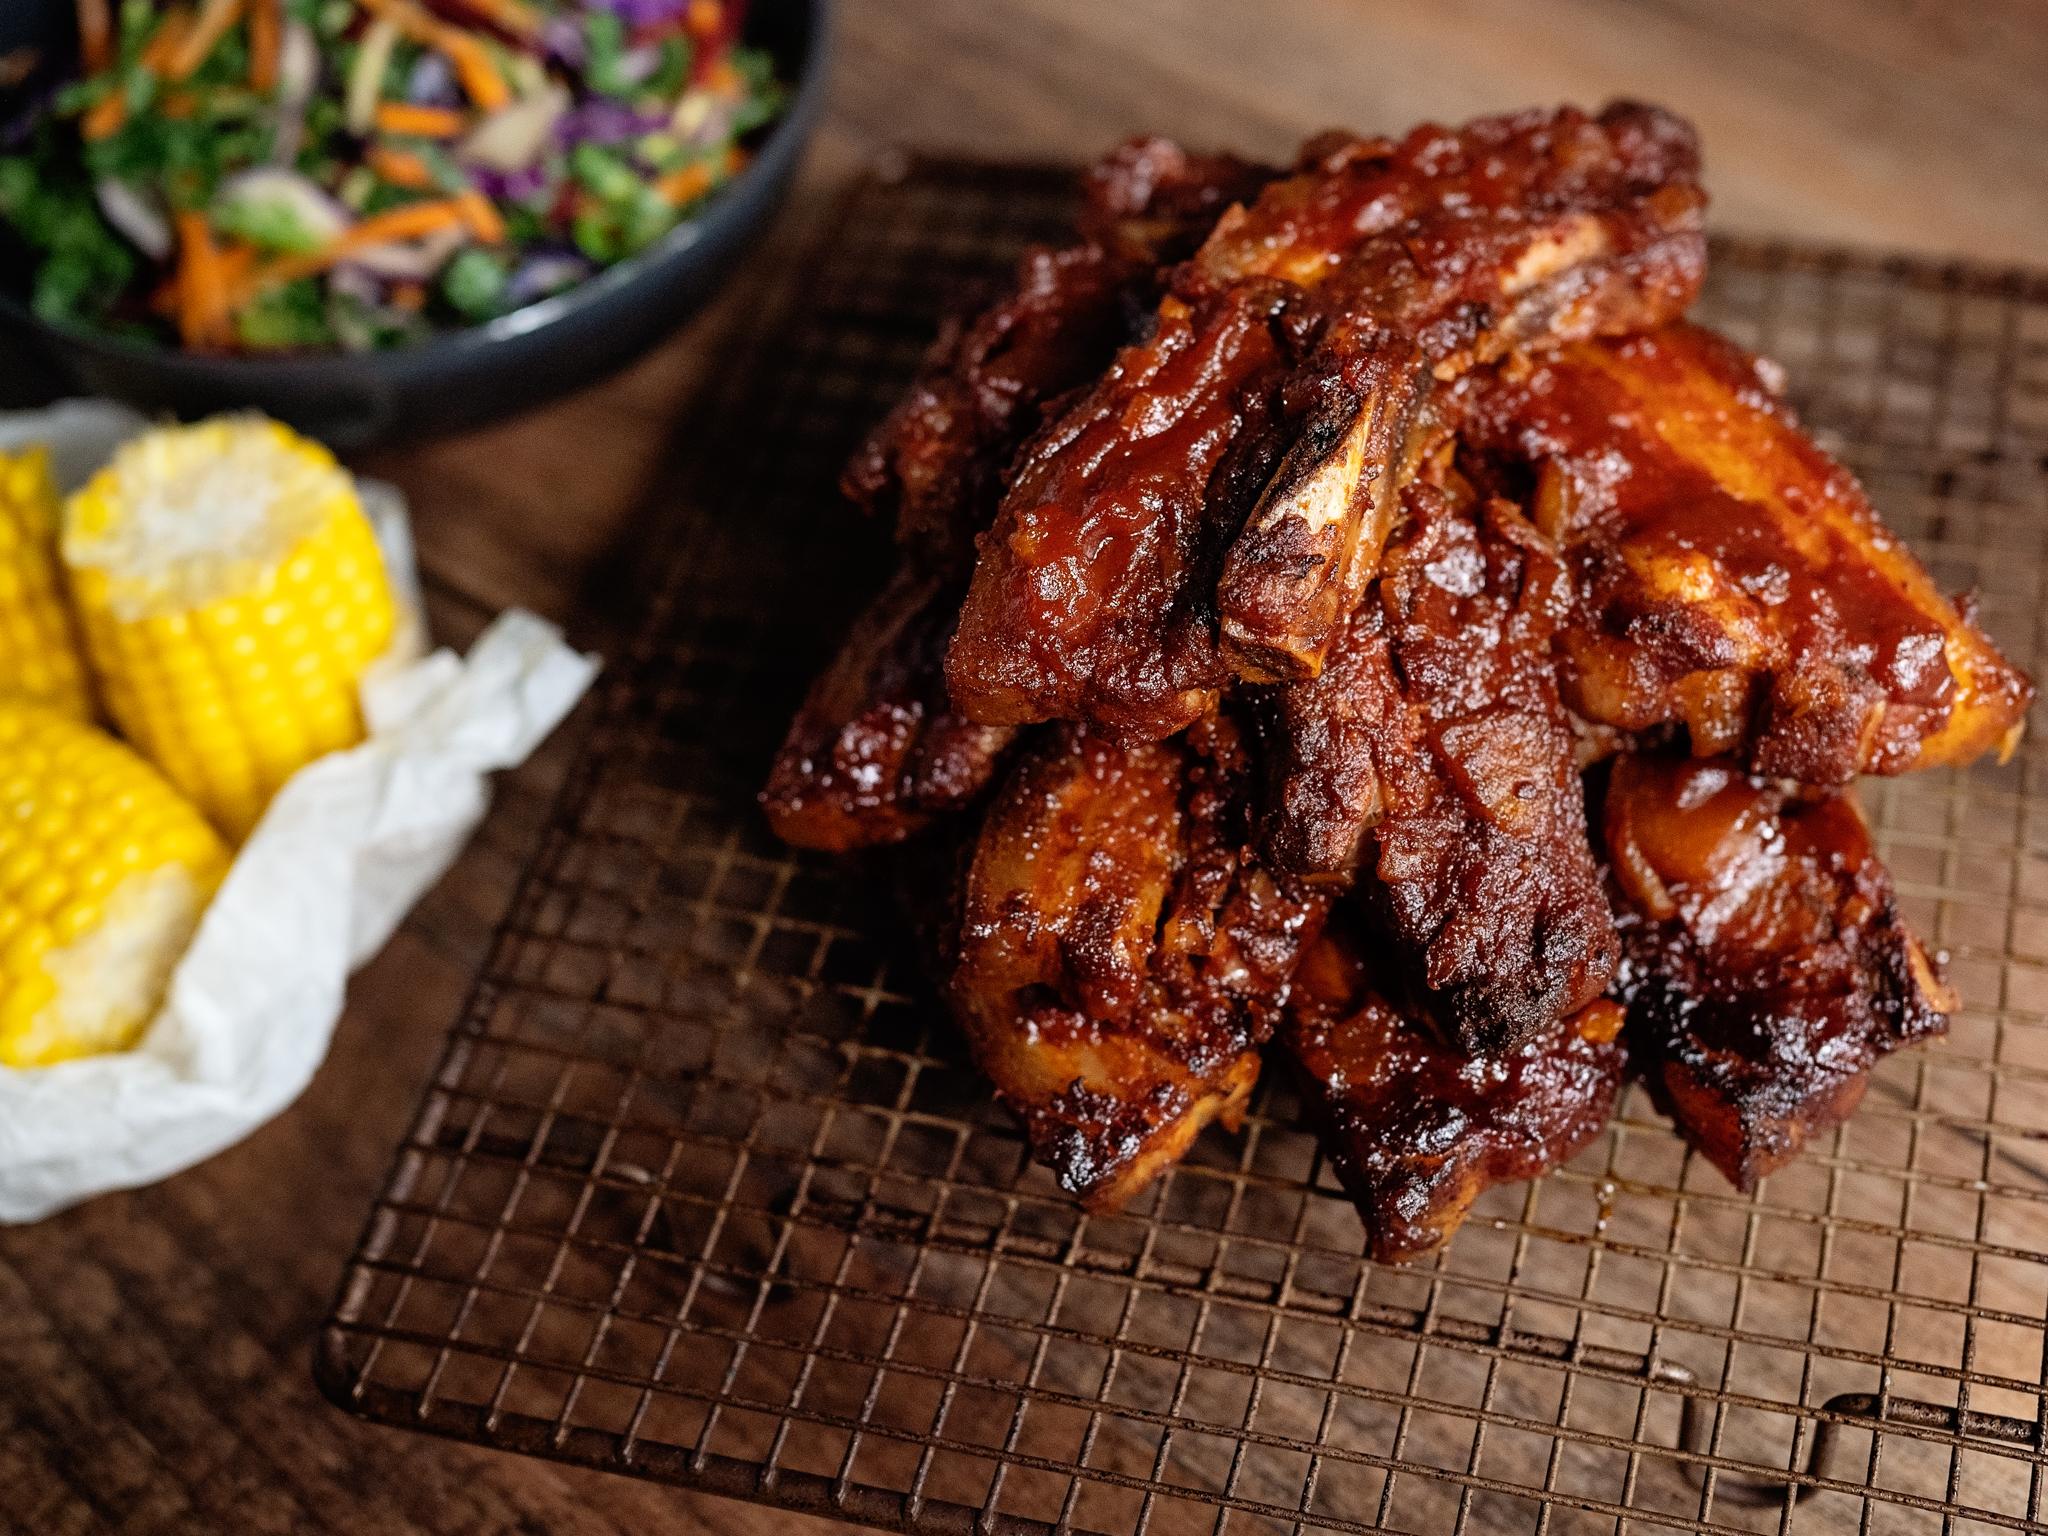 Freckle-Farm-BBQ-Pork-Spare-Ribs.jpg